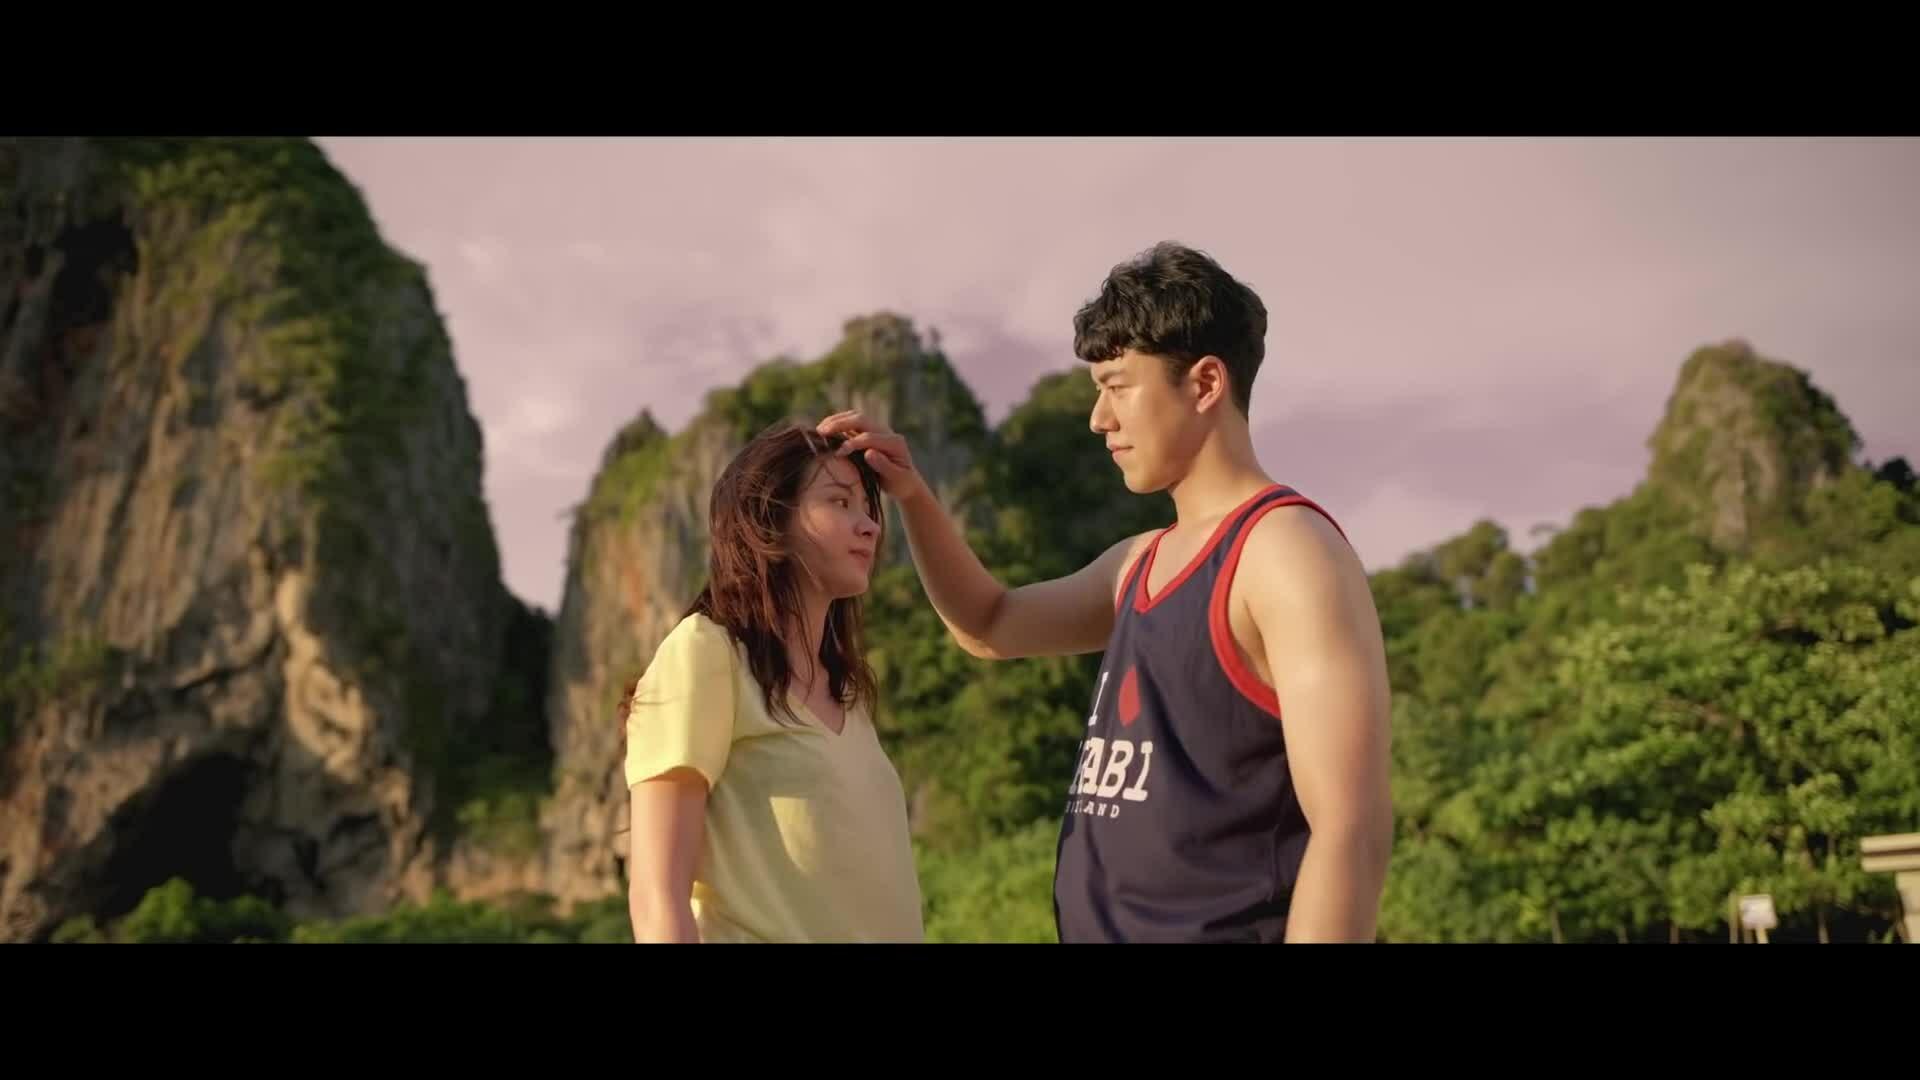 Mỹ nam Thái Lan phim 'Friend Zone' đến Hà Nội ngày 24/8